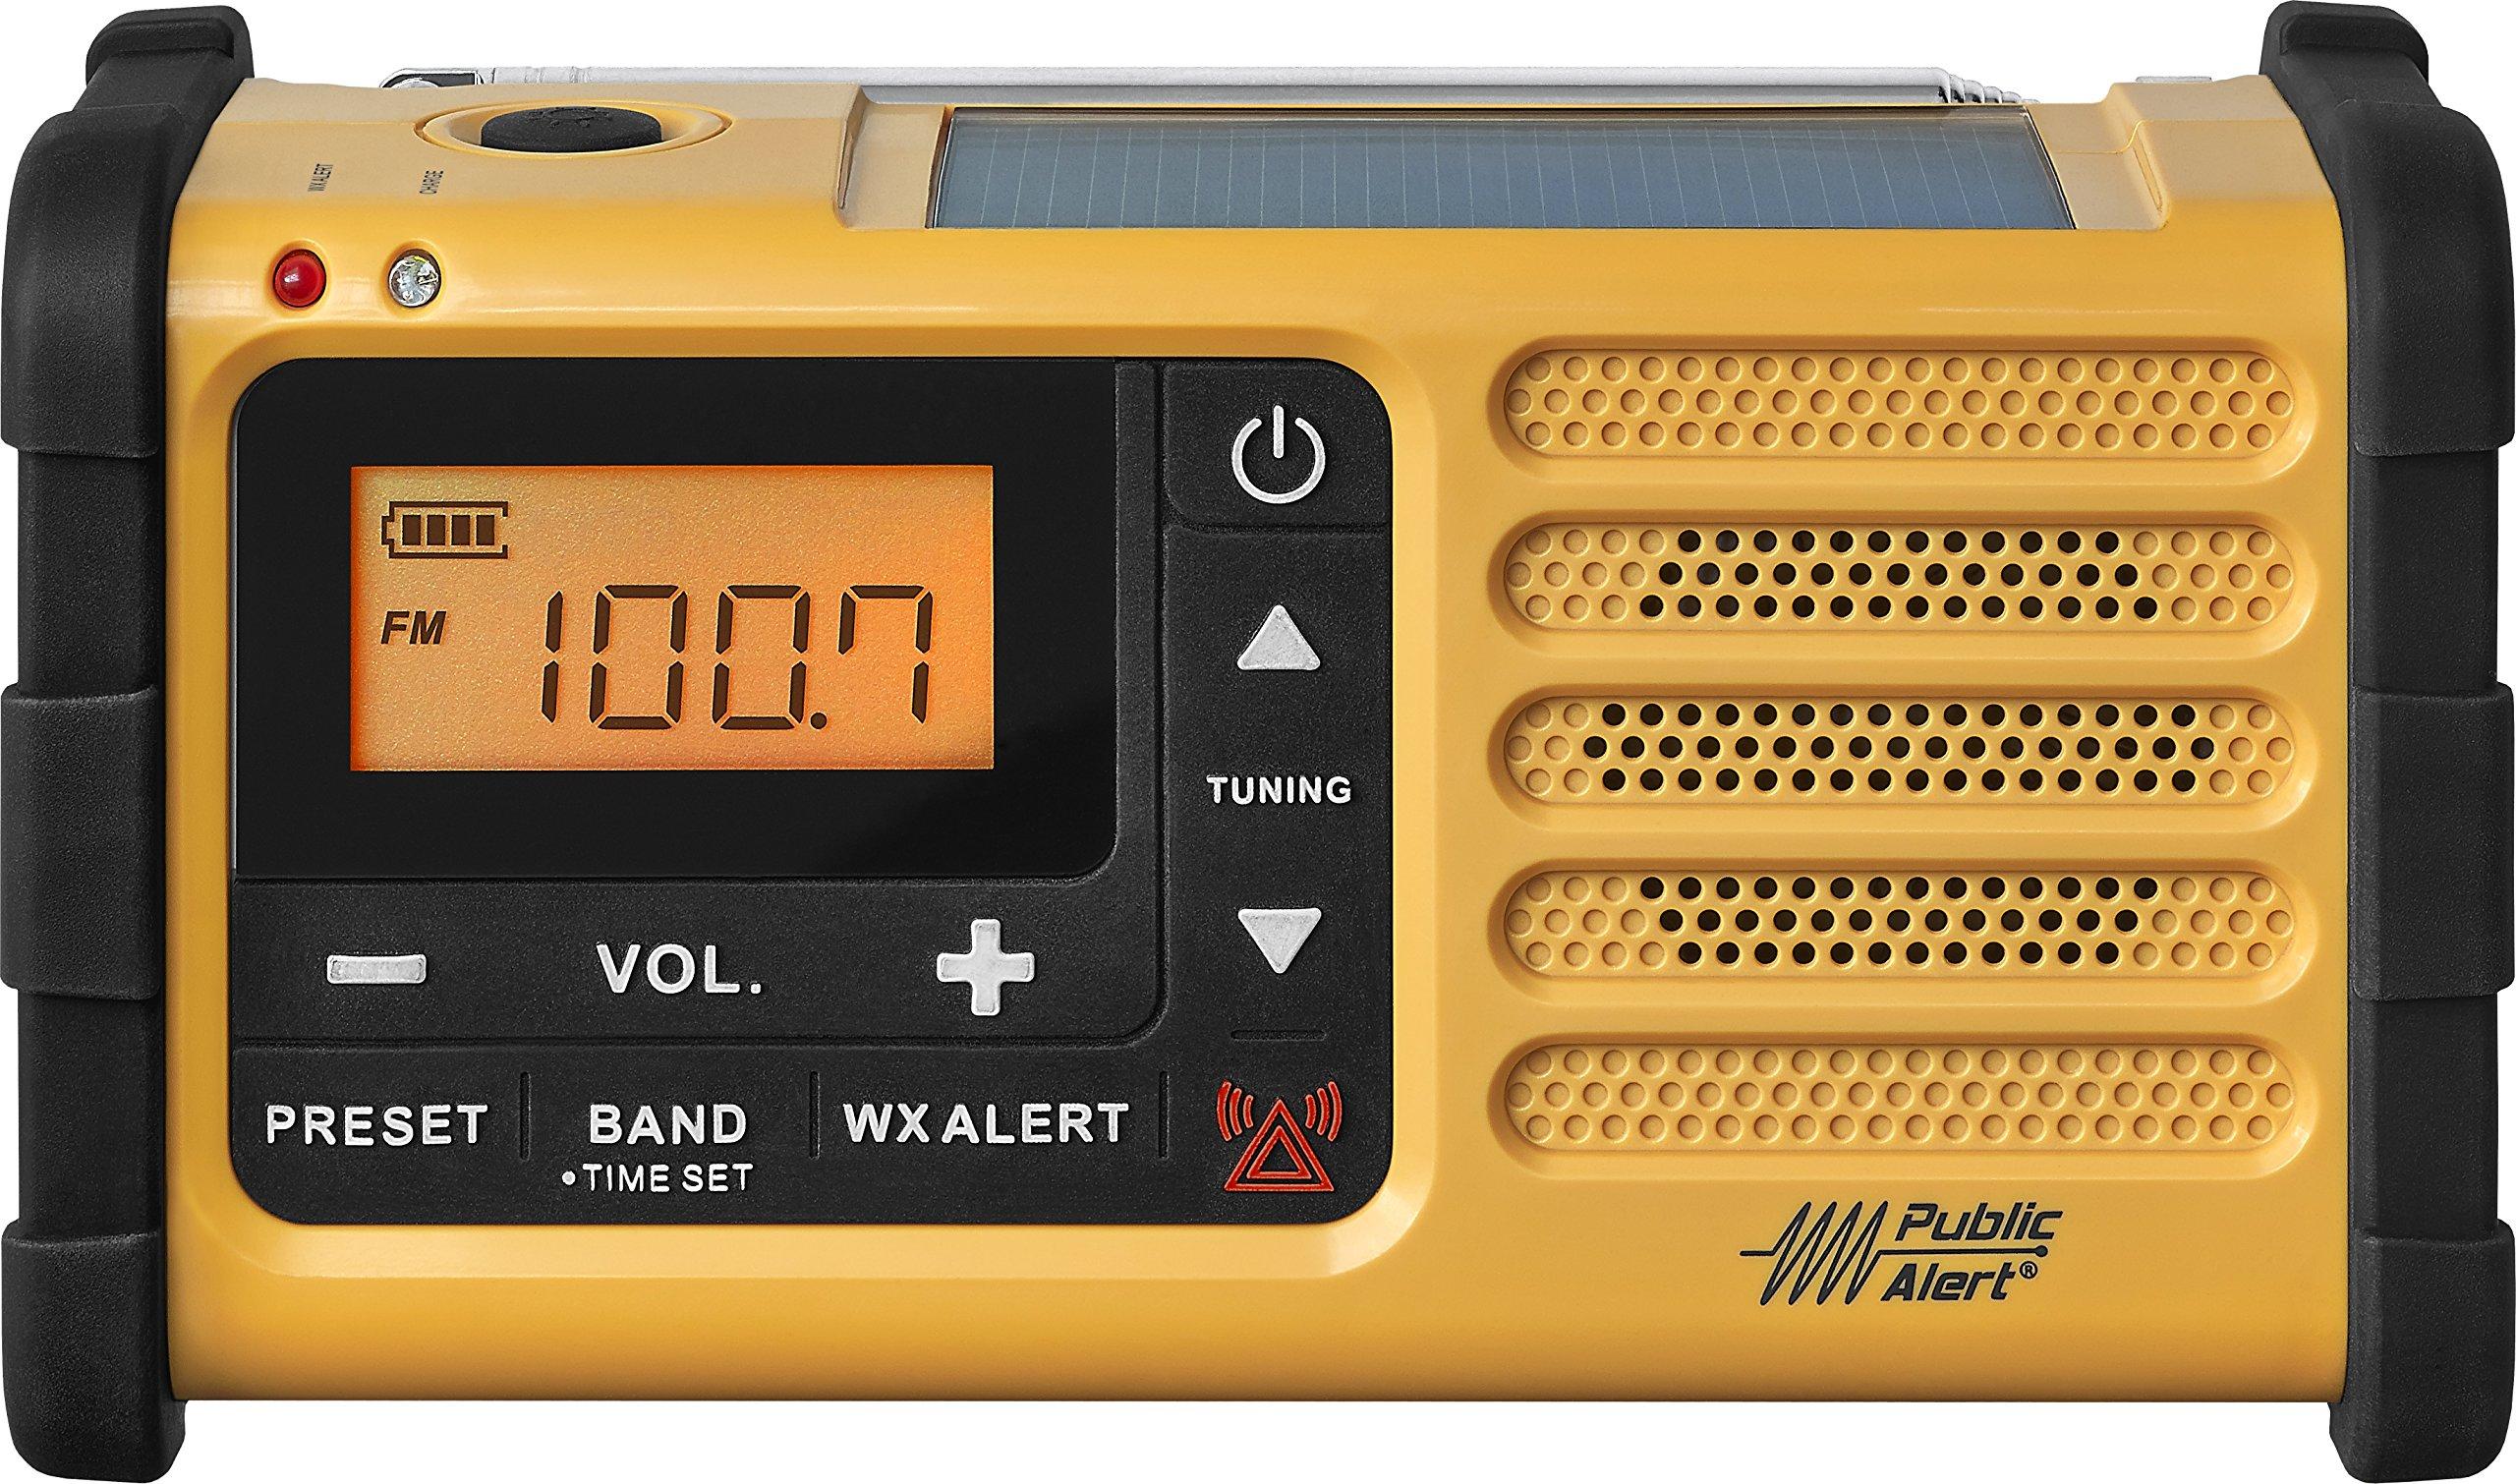 Sangean MMR-88 AM/FM/Weather+Alert Emergency Radio. Solar/Hand Crank/USB/Flashlight, Siren, Smartphone Charger by Sangean